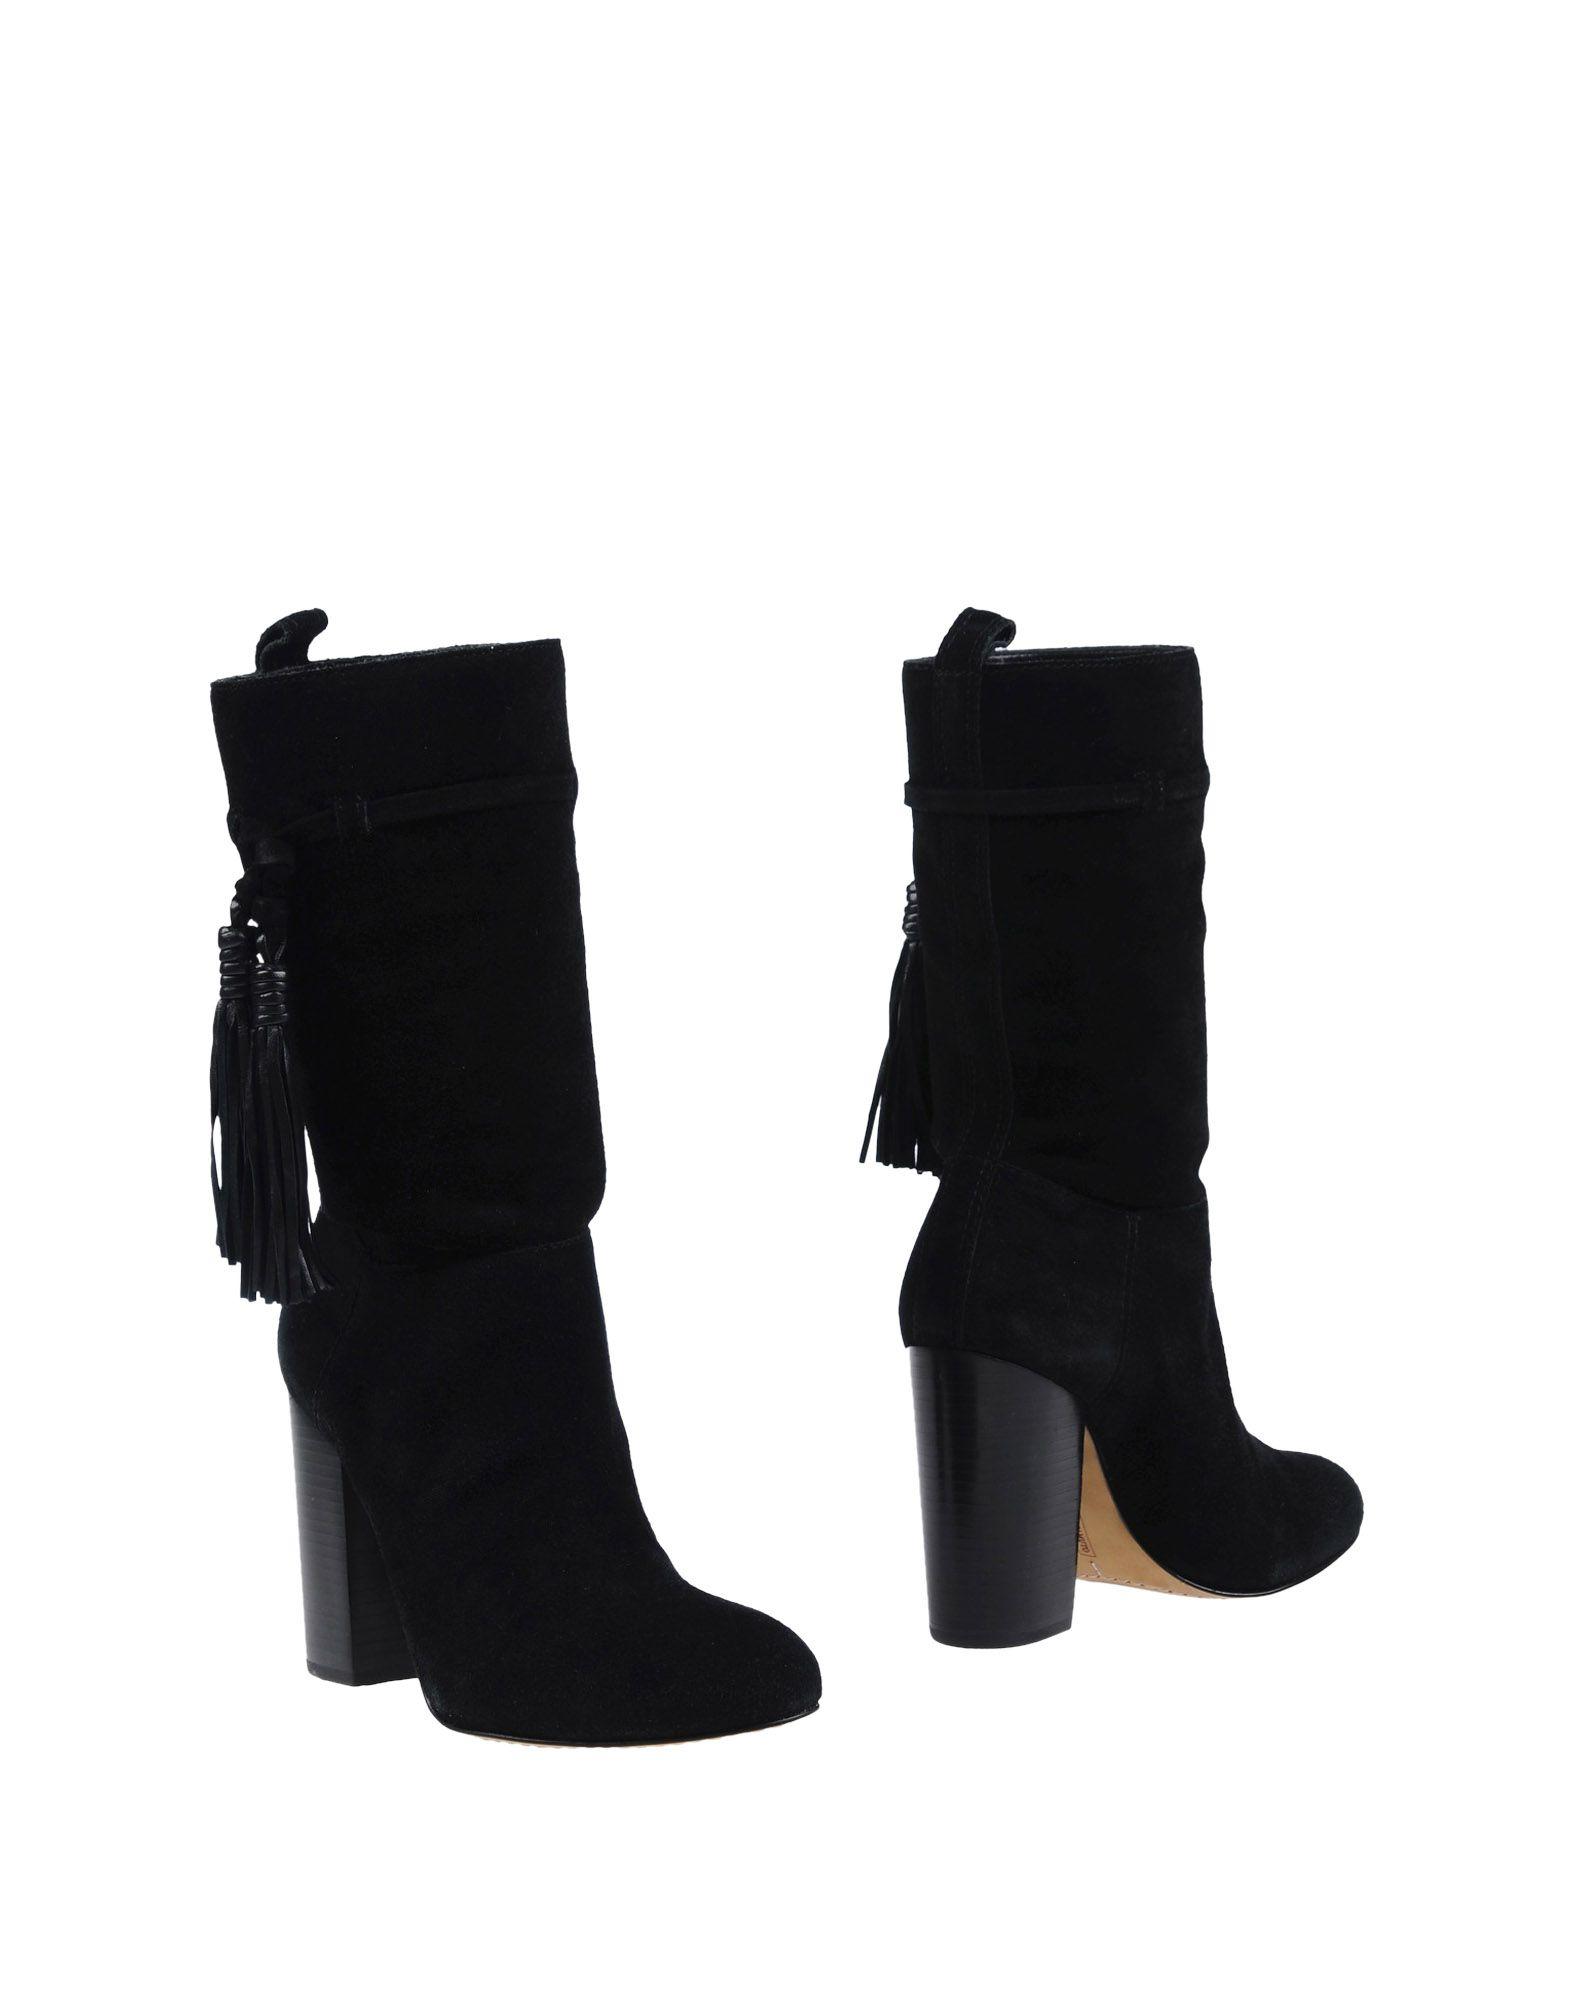 Stilvolle Stiefelette billige Schuhe Vince Camuto Stiefelette Stilvolle Damen 11252249TF ce4550